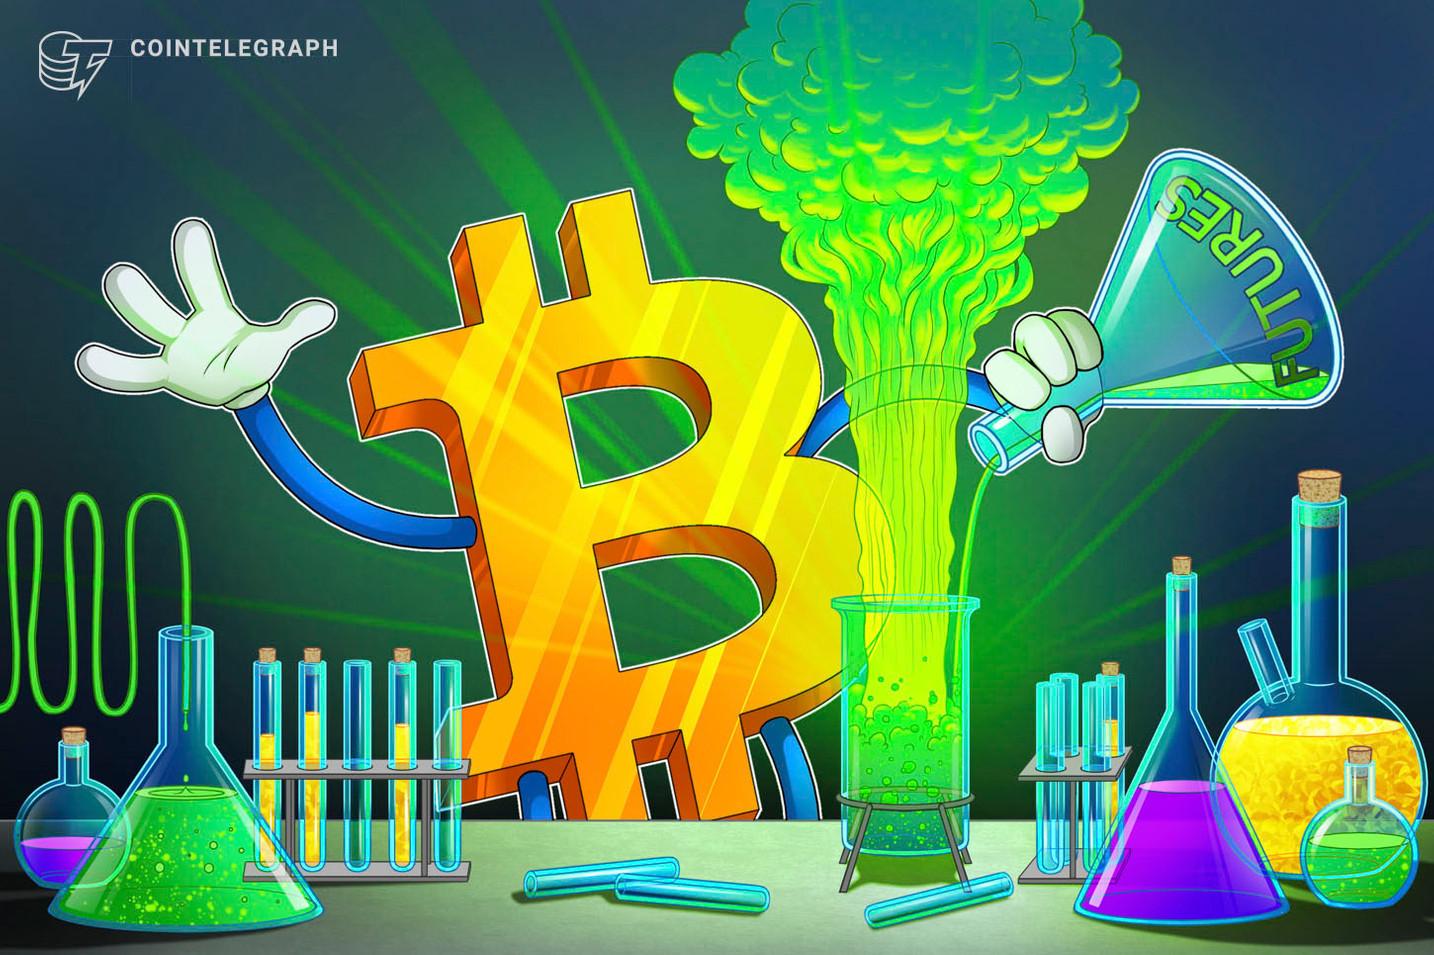 Os futuros de Bitcoin para dezembro chegam a $ 73.500 - todos estão otimistas?